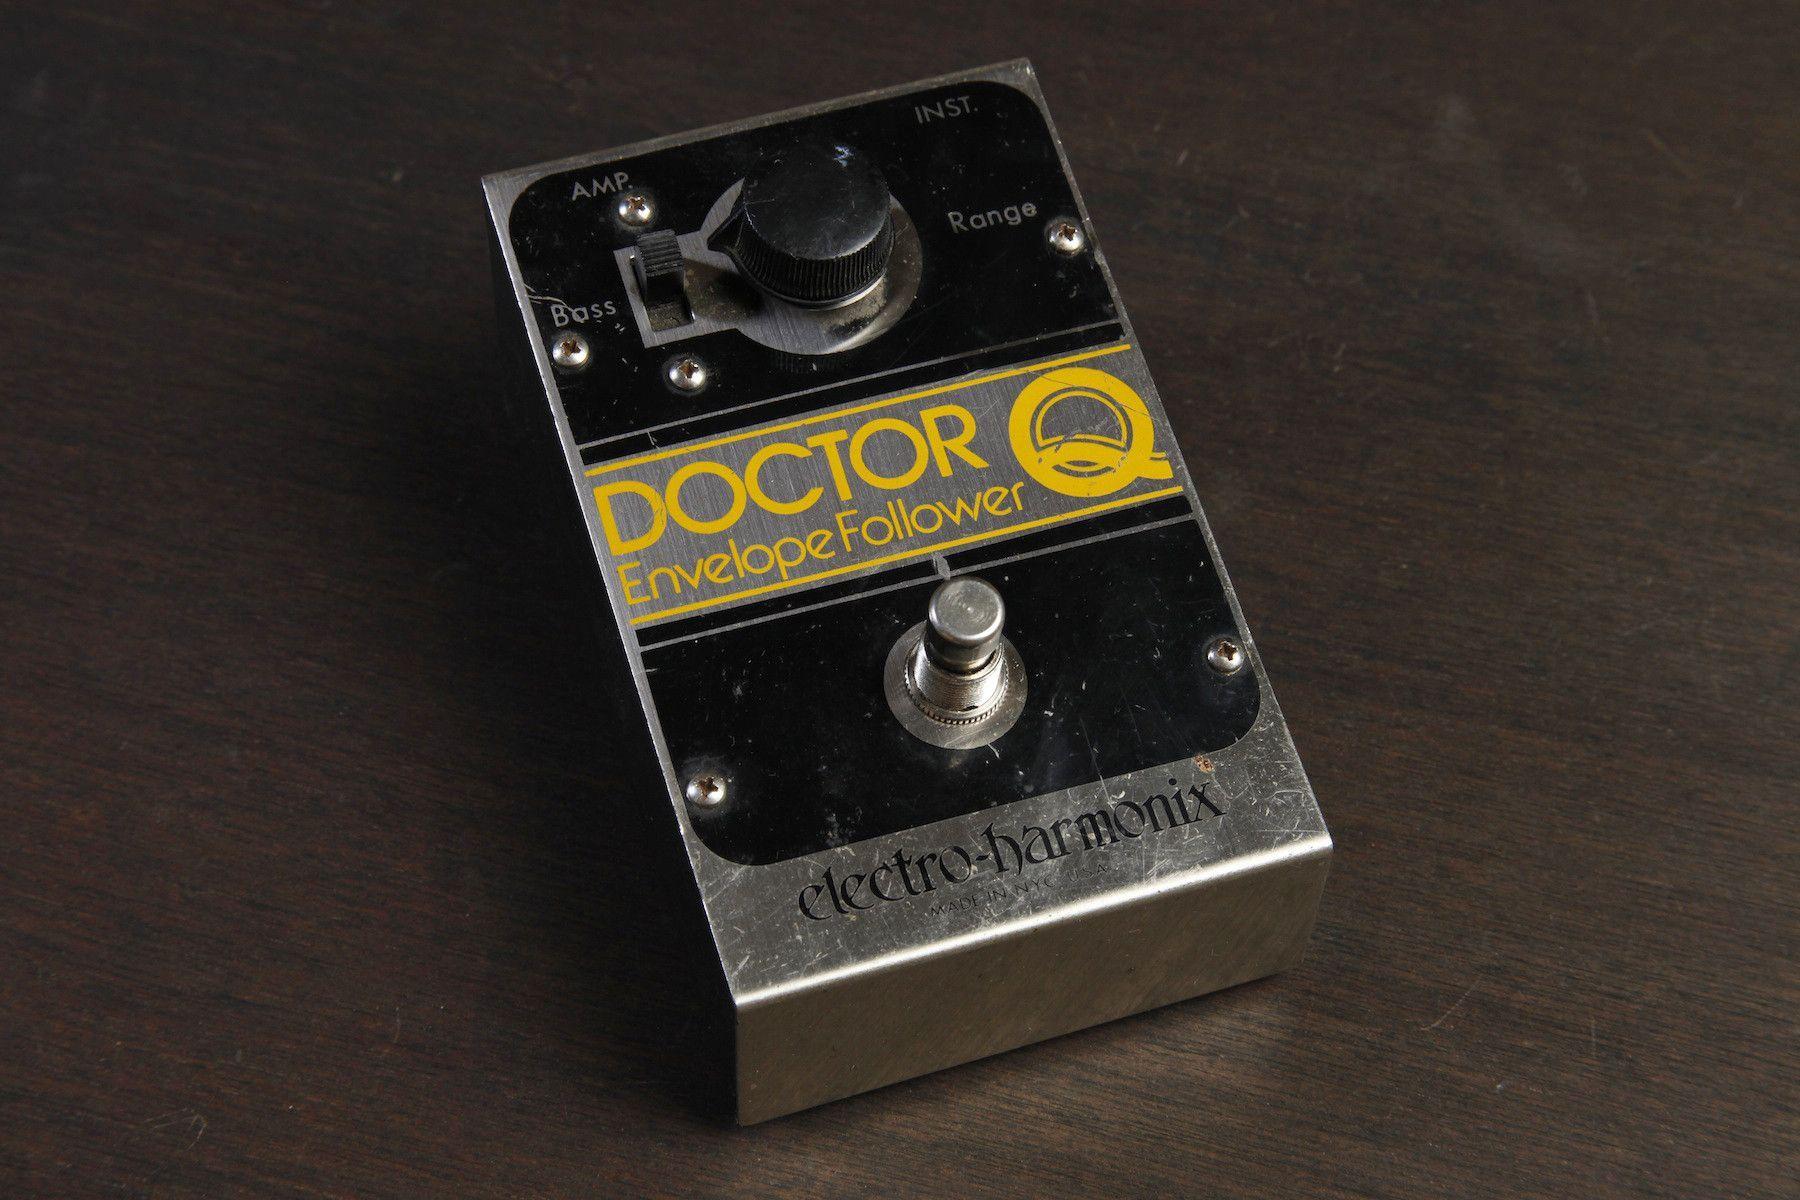 Electro Harmonix Doctor Q Envelope Filter Vintage 1978 Vintage Vintage Guitars Guitar Effects